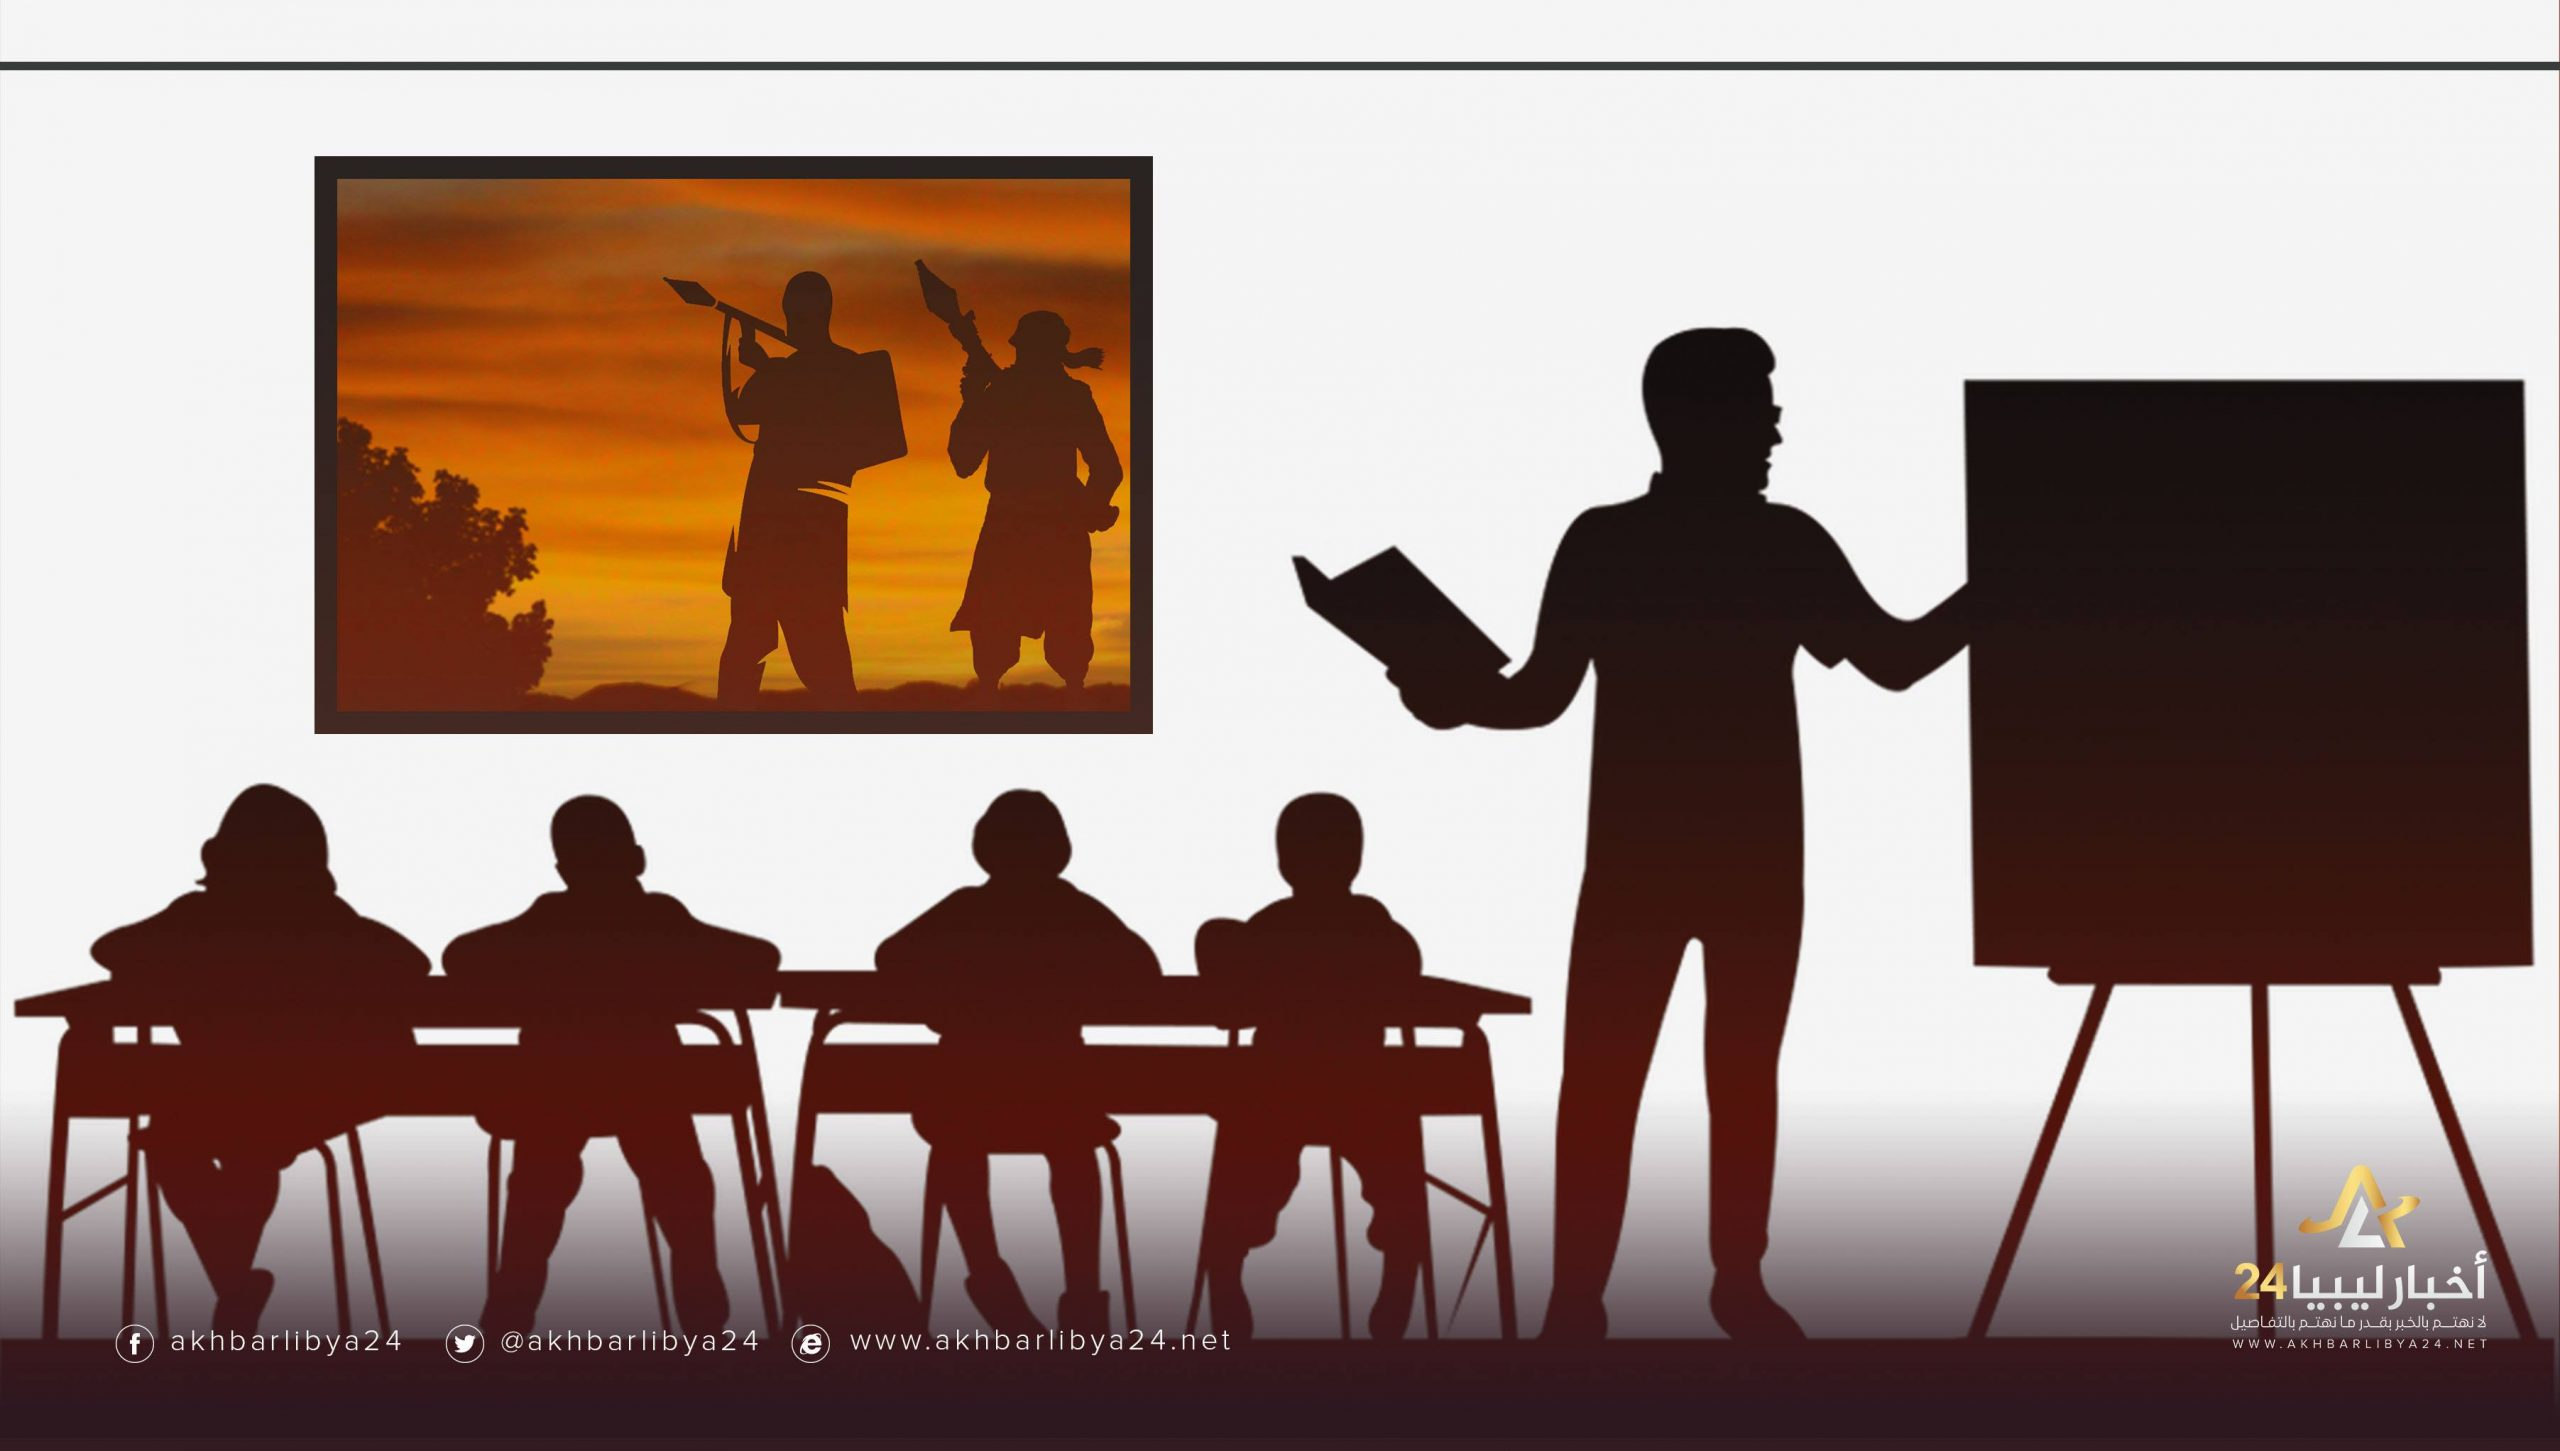 صورة مُعلّم يروي قصته التي حدثت مع أحد طلاب مدرسته المنتميين لداعش